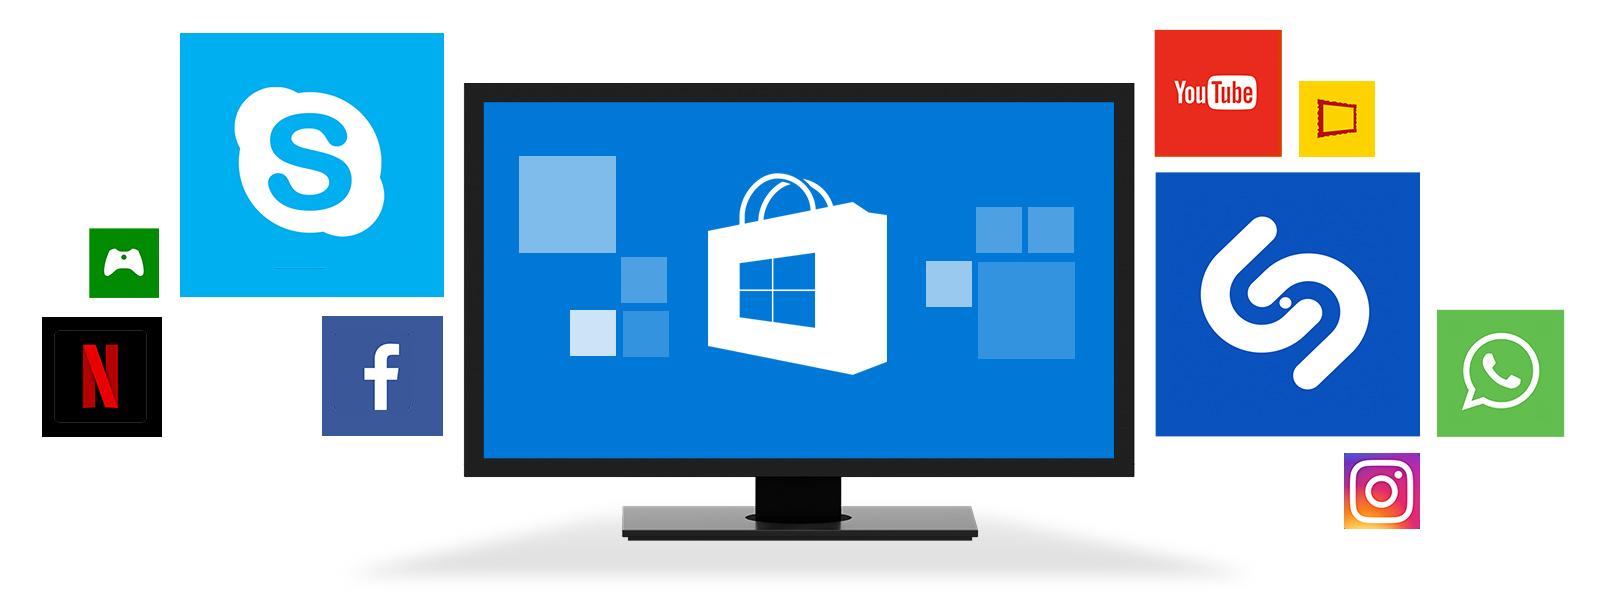 מכשיר Windows עם אריחים מרובים של אפליקציות צפים מסביבו